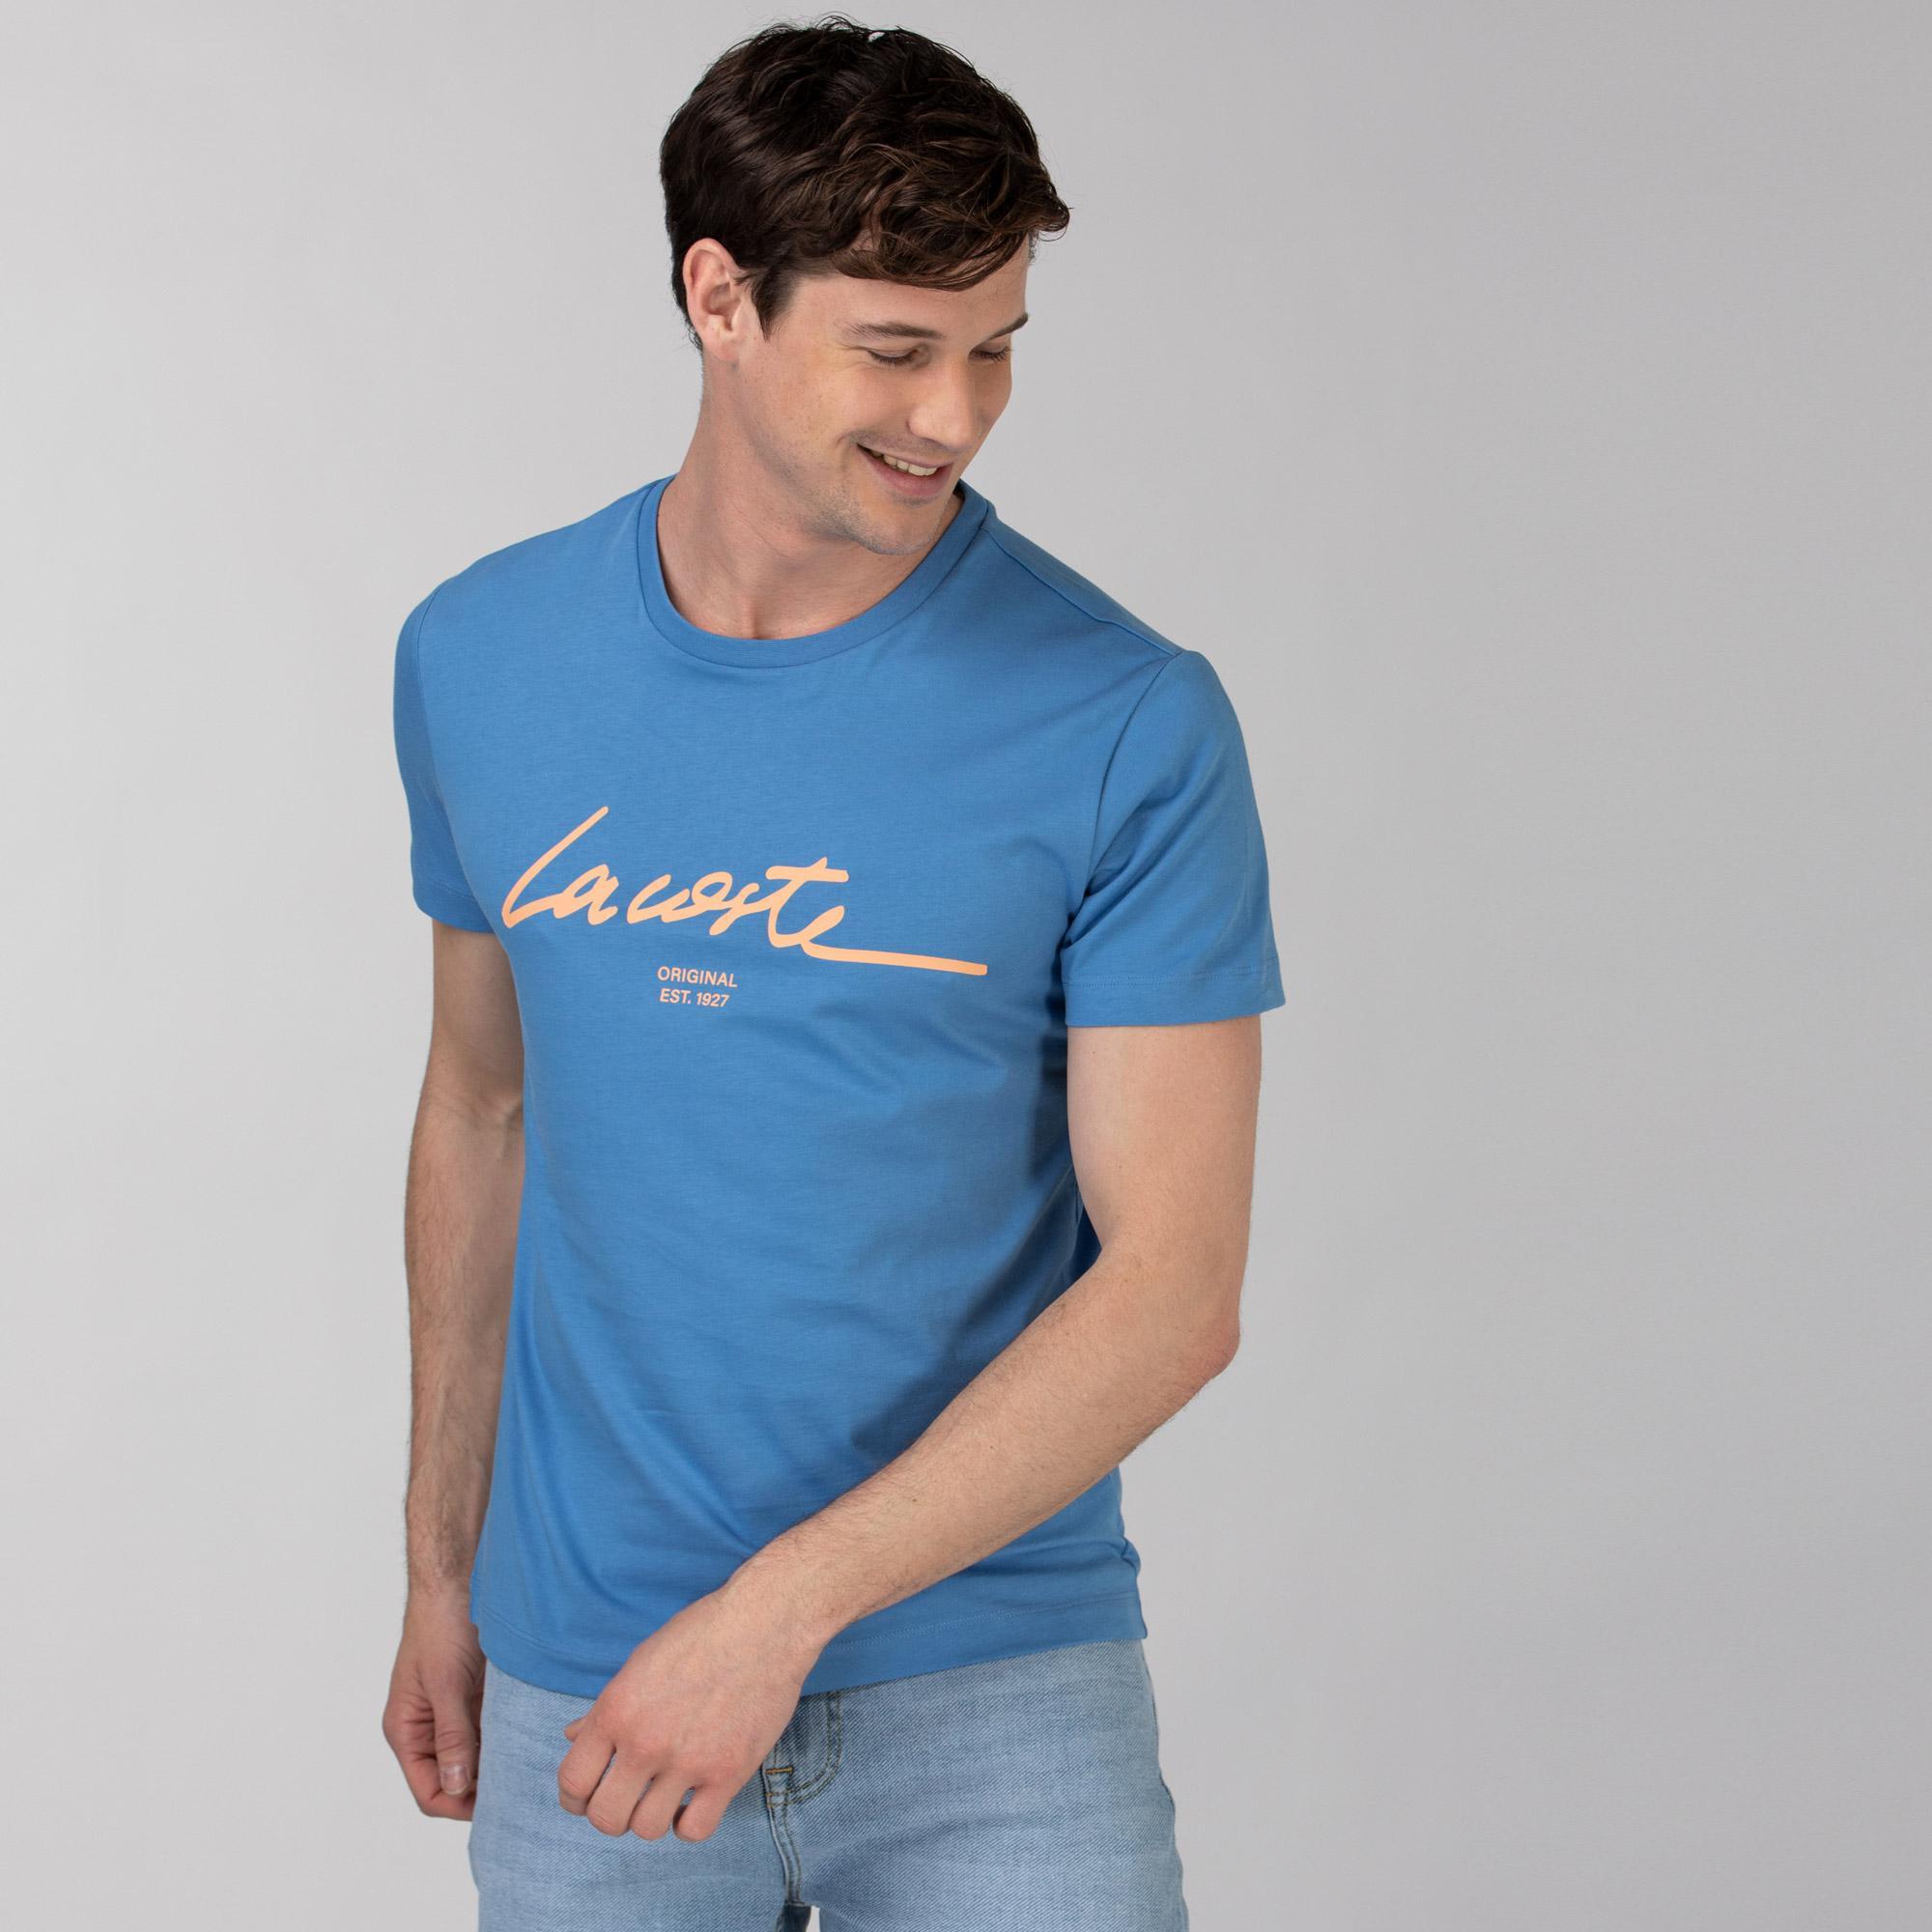 Lacoste Men's Crew Neck Print Lettering Cotton T-shirt